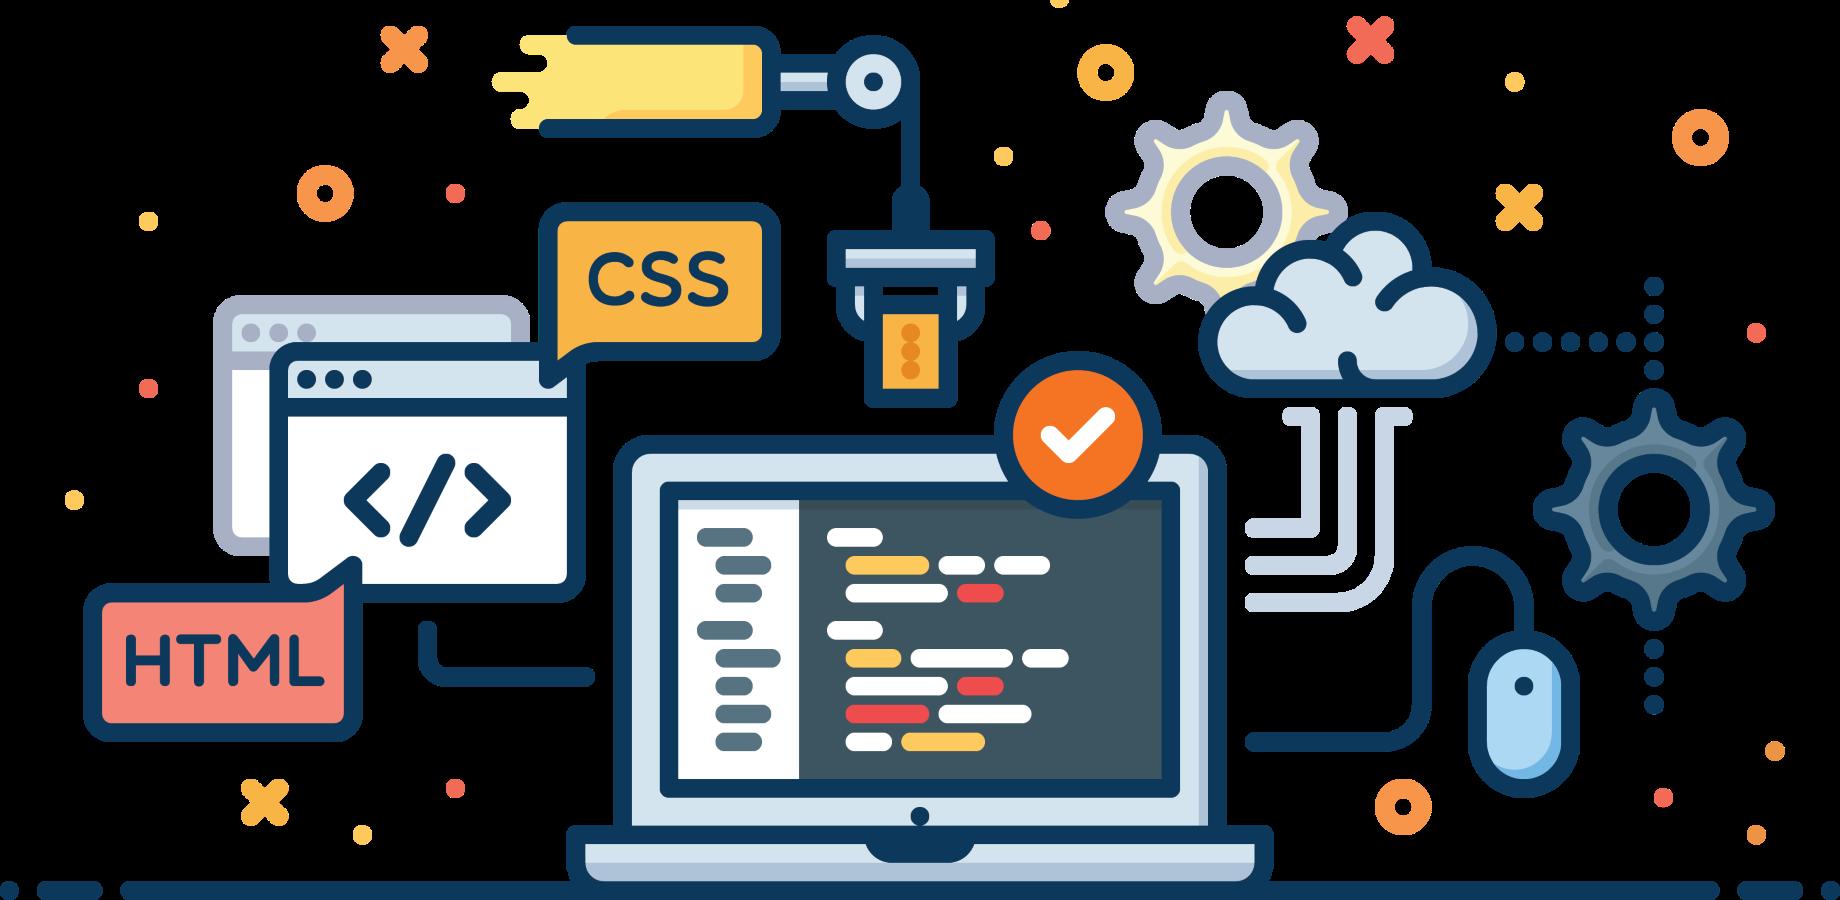 了解CSS布局和块格式化上下文